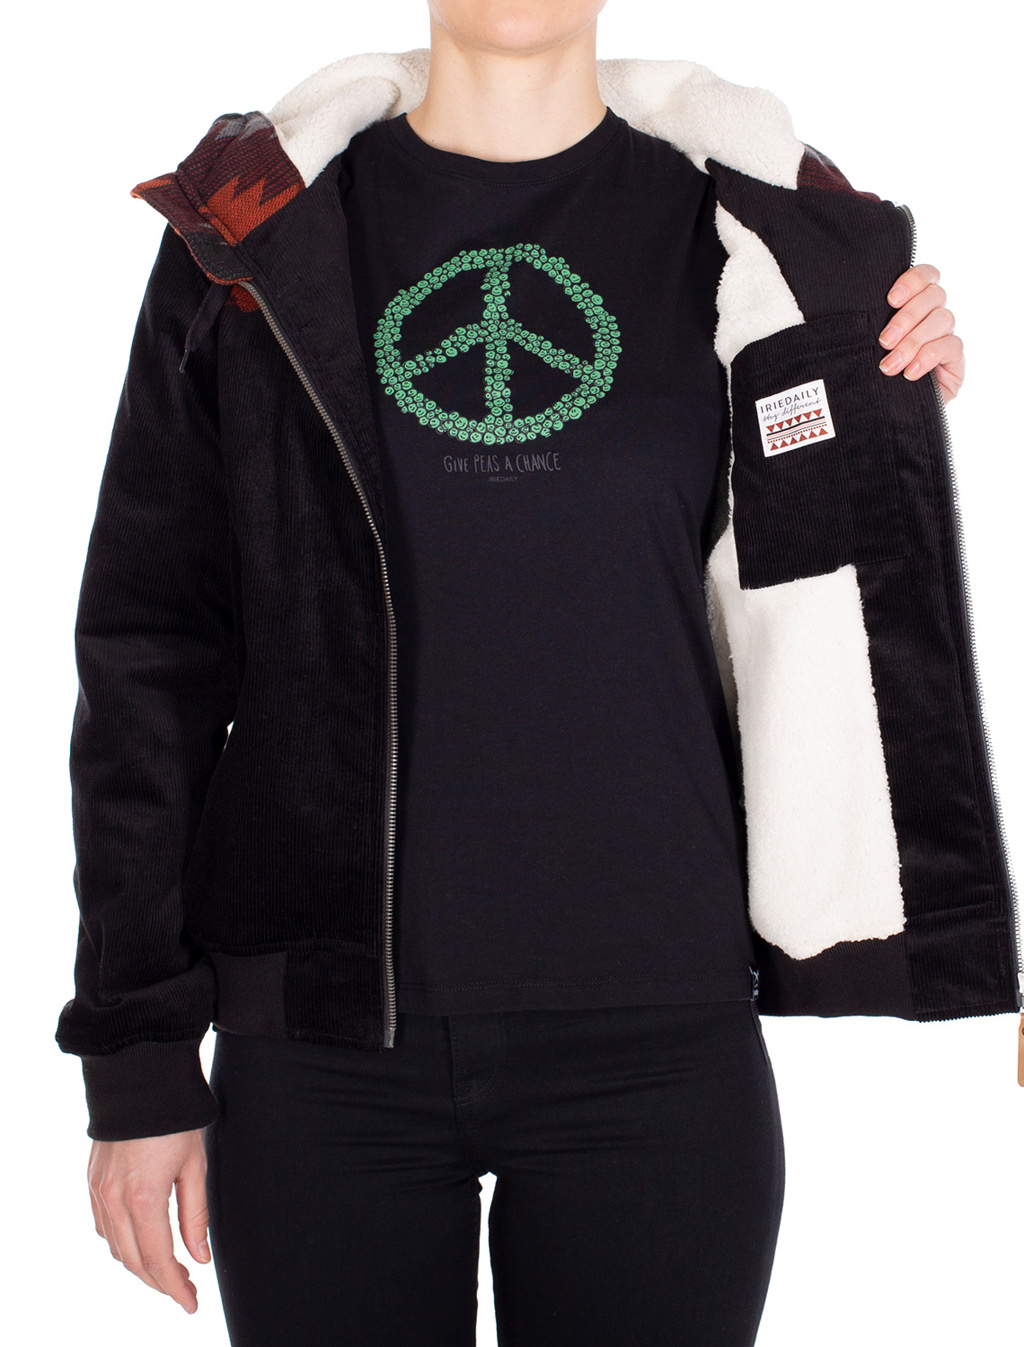 Indi Spice Jacket - Black-2